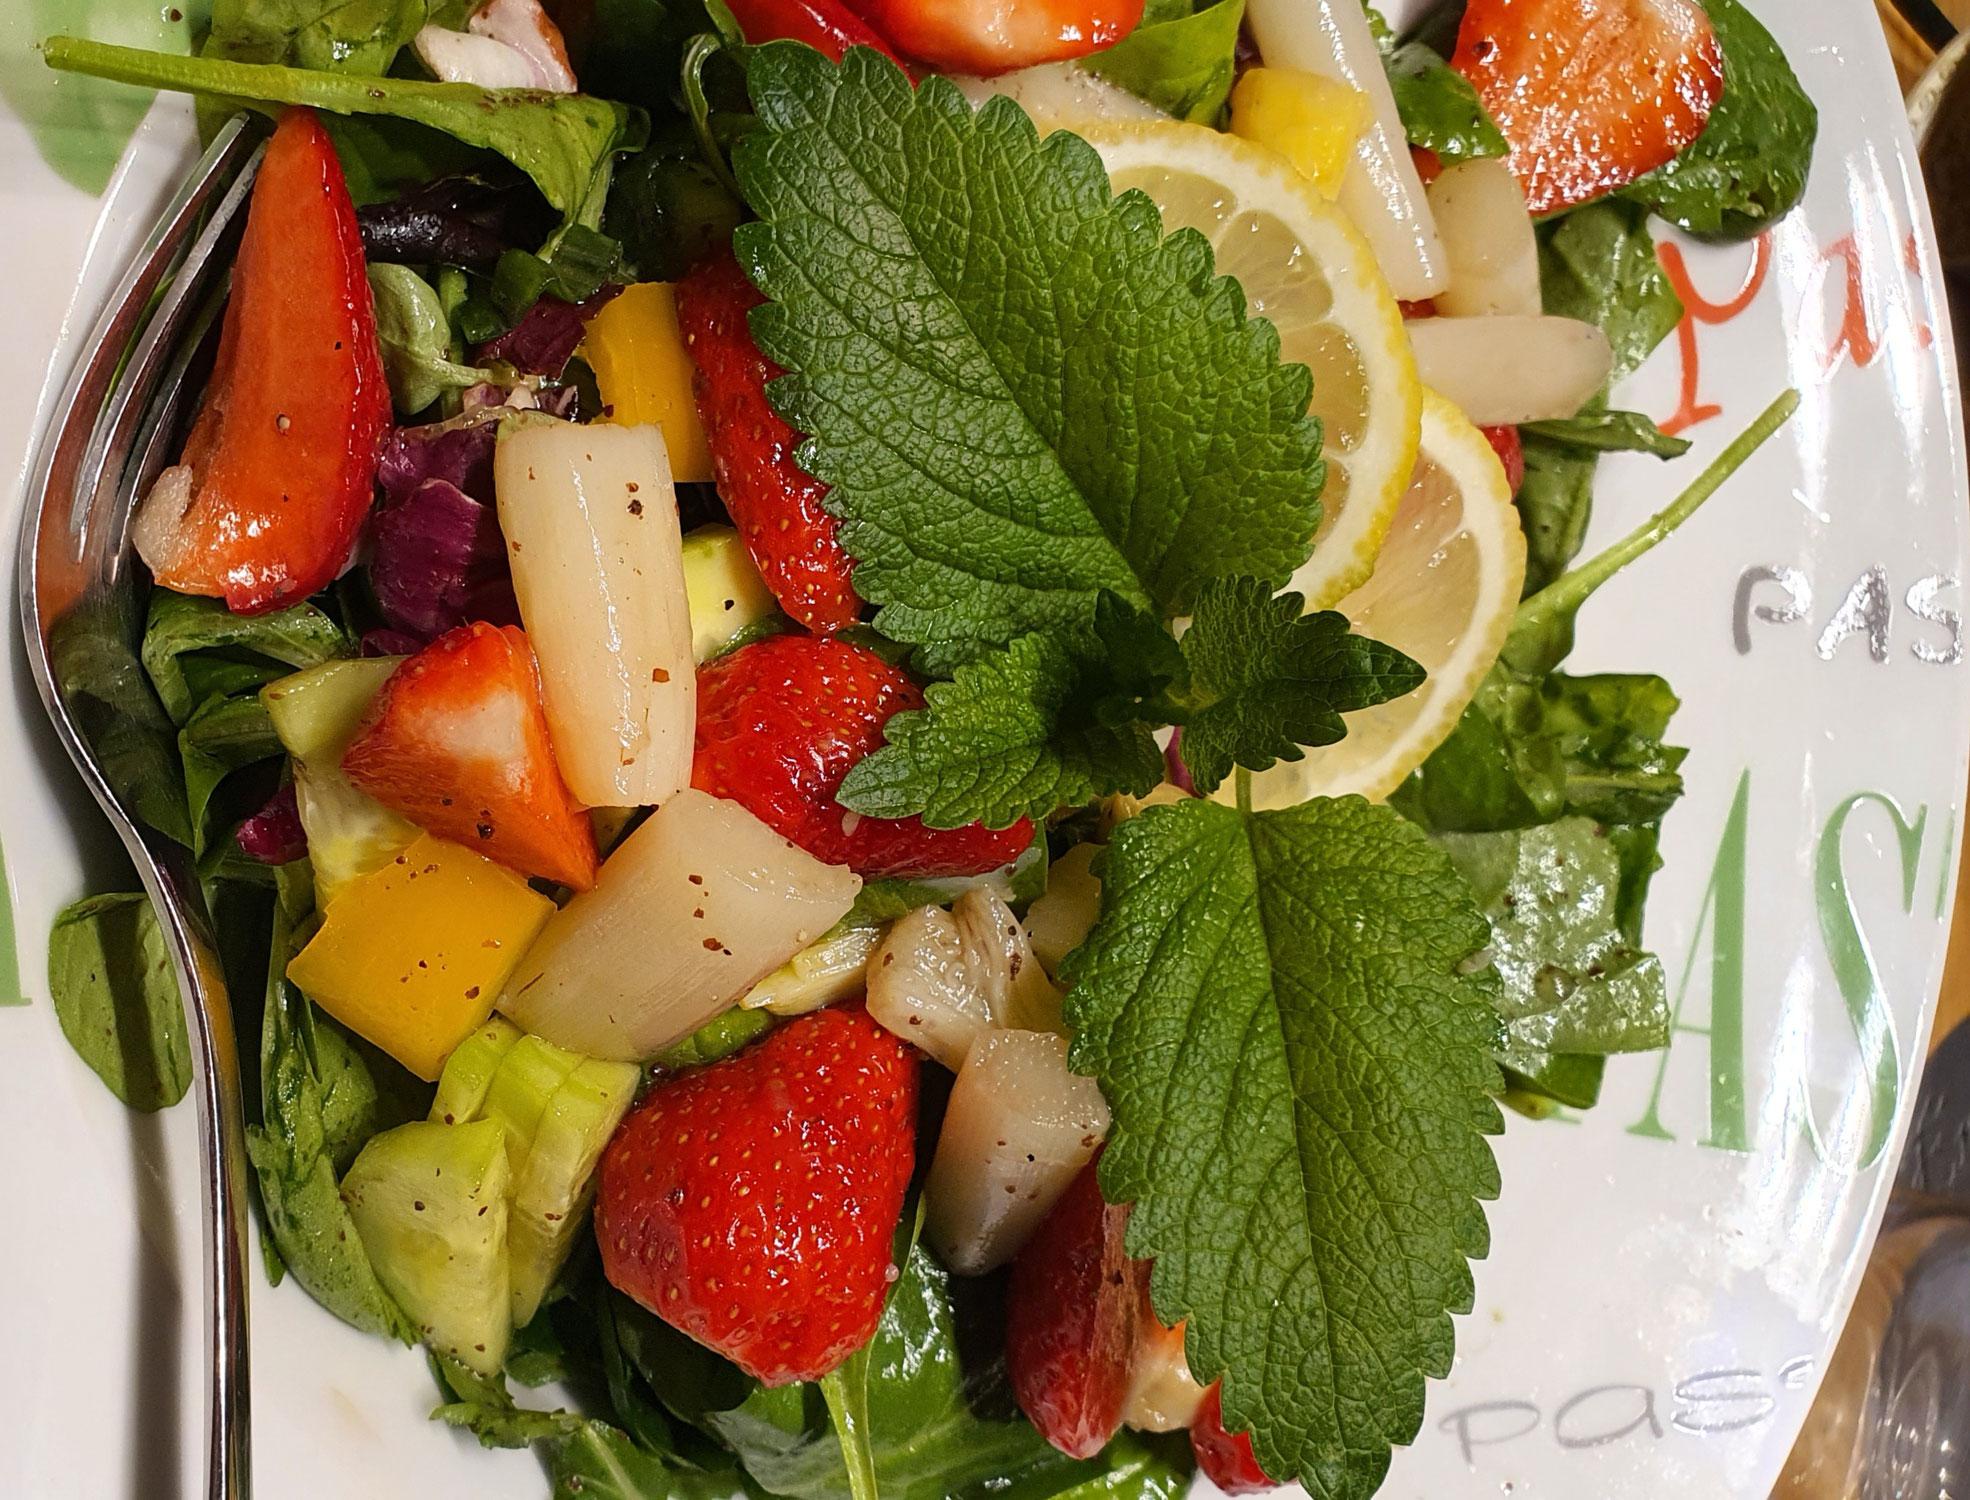 Freie Radikale - Oxidation - Antioxidantien, und das Verjüngungspotential von gesunder Ernährung